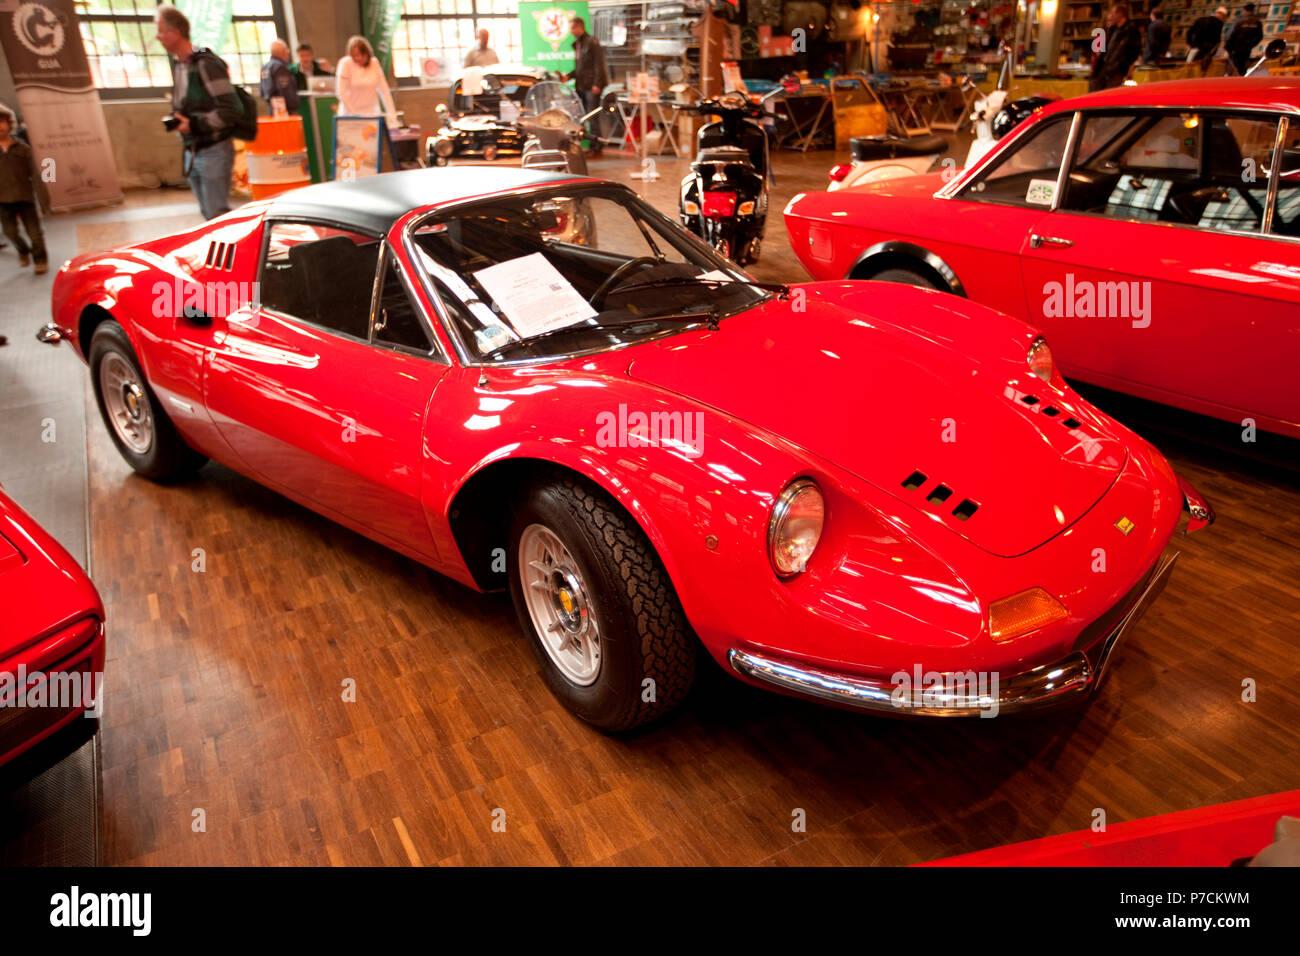 Classic Car Ferrari Dino 246 Gt Alfredo Ferrari Gebaut 1969 1974 In Modena Pininfarina Design V6 Italien Europa Stockfotografie Alamy